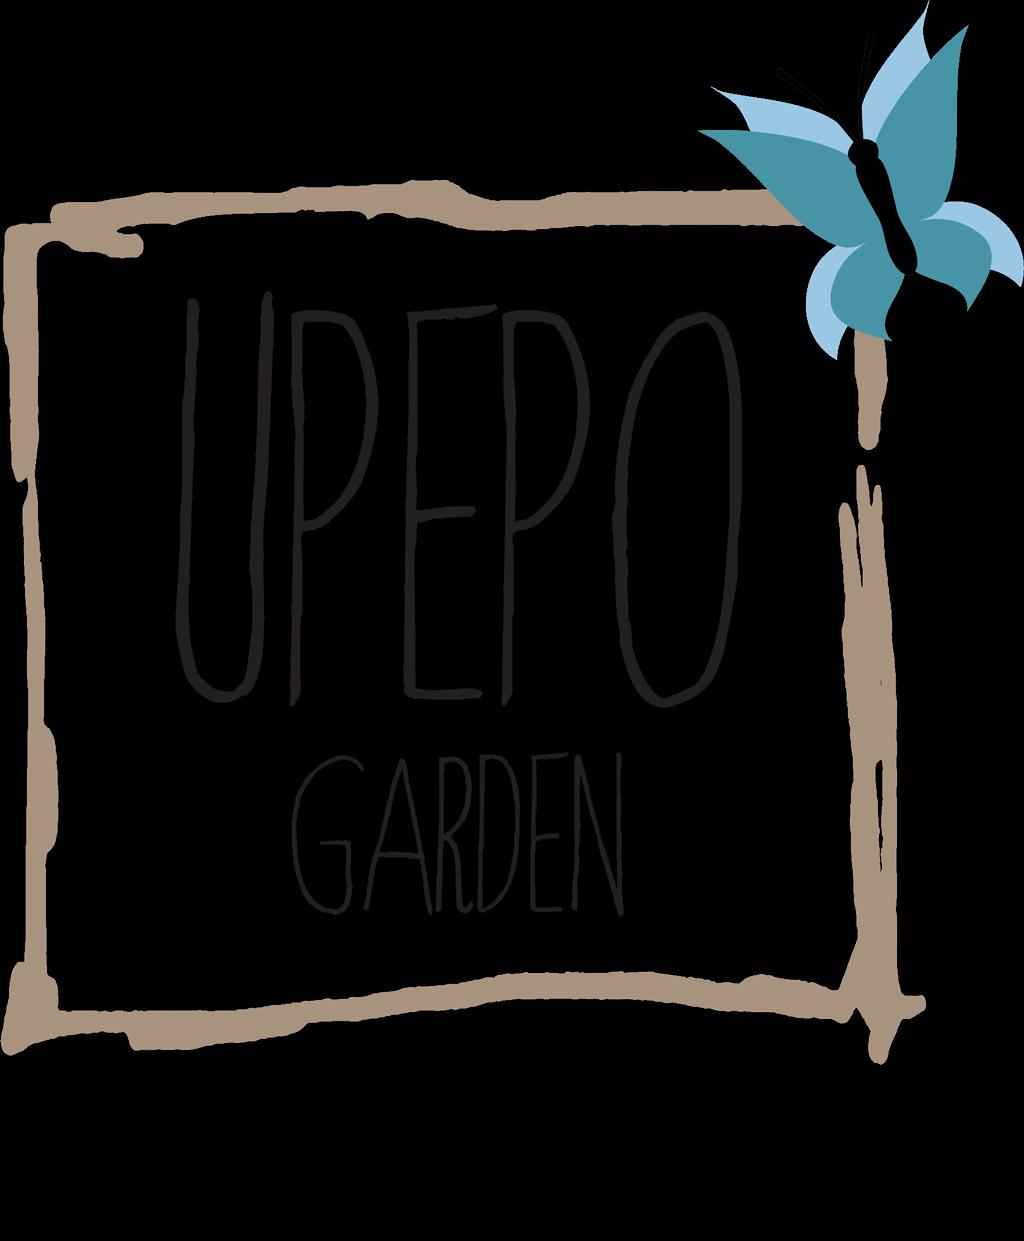 Upepo Garden Guesthouse Logo